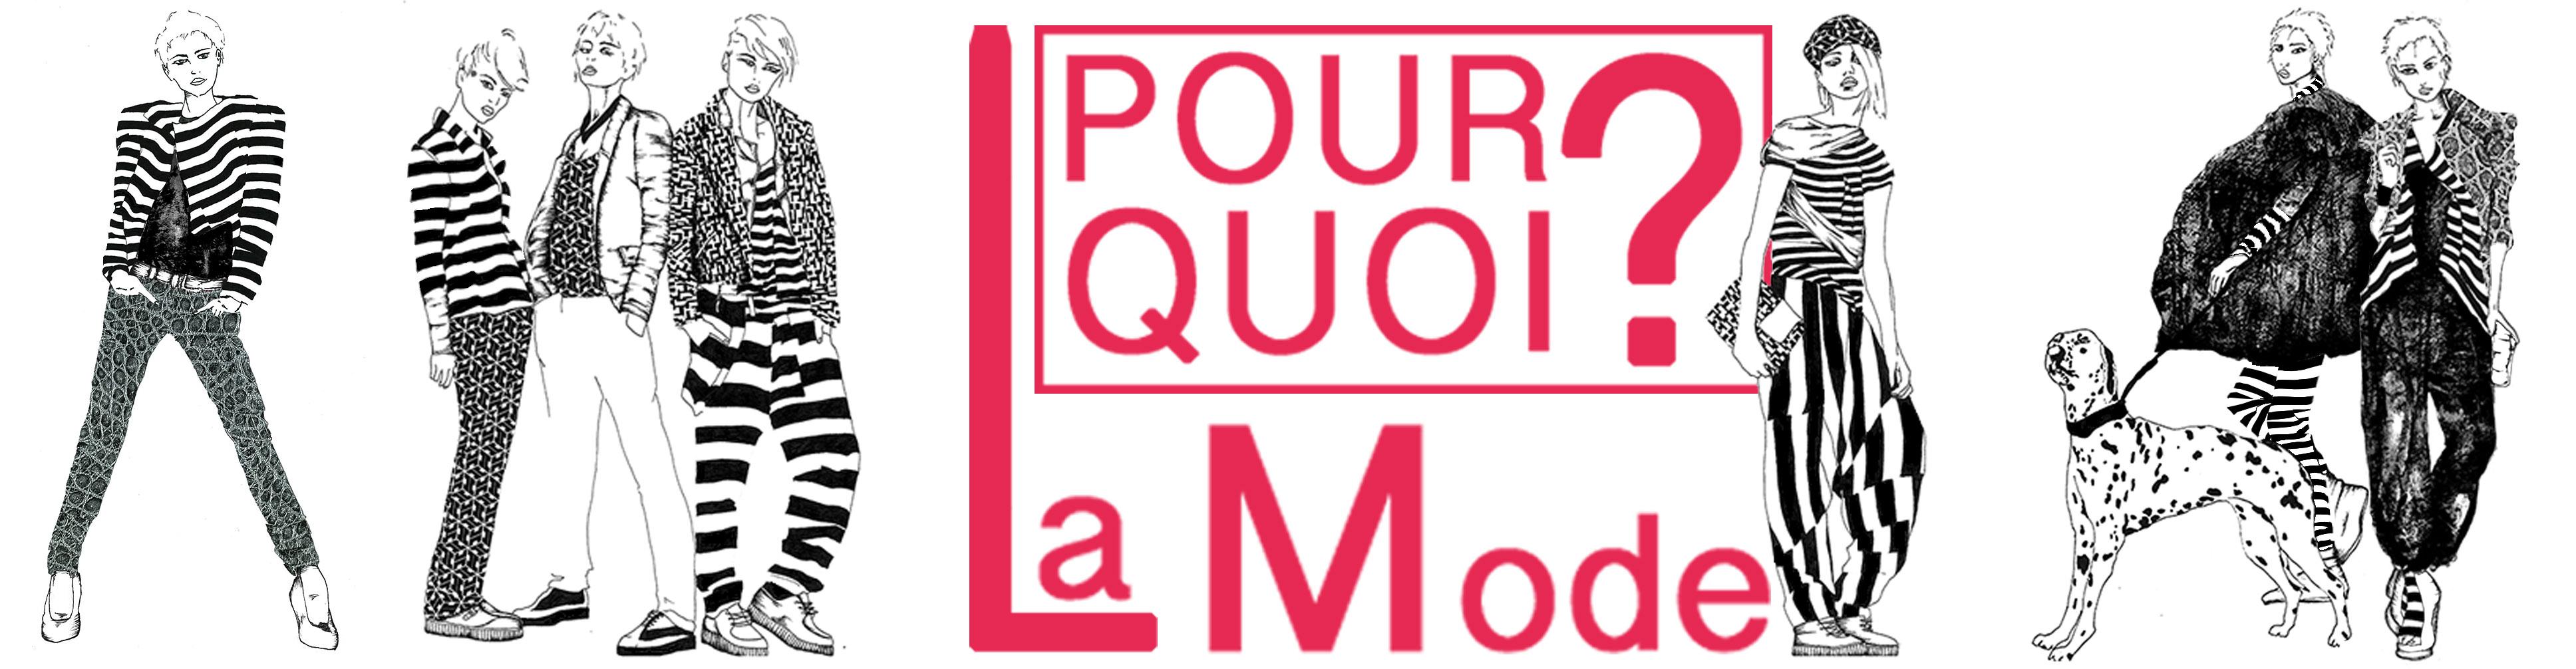 Couture Illustration de la bannière: PourQuoi la mode